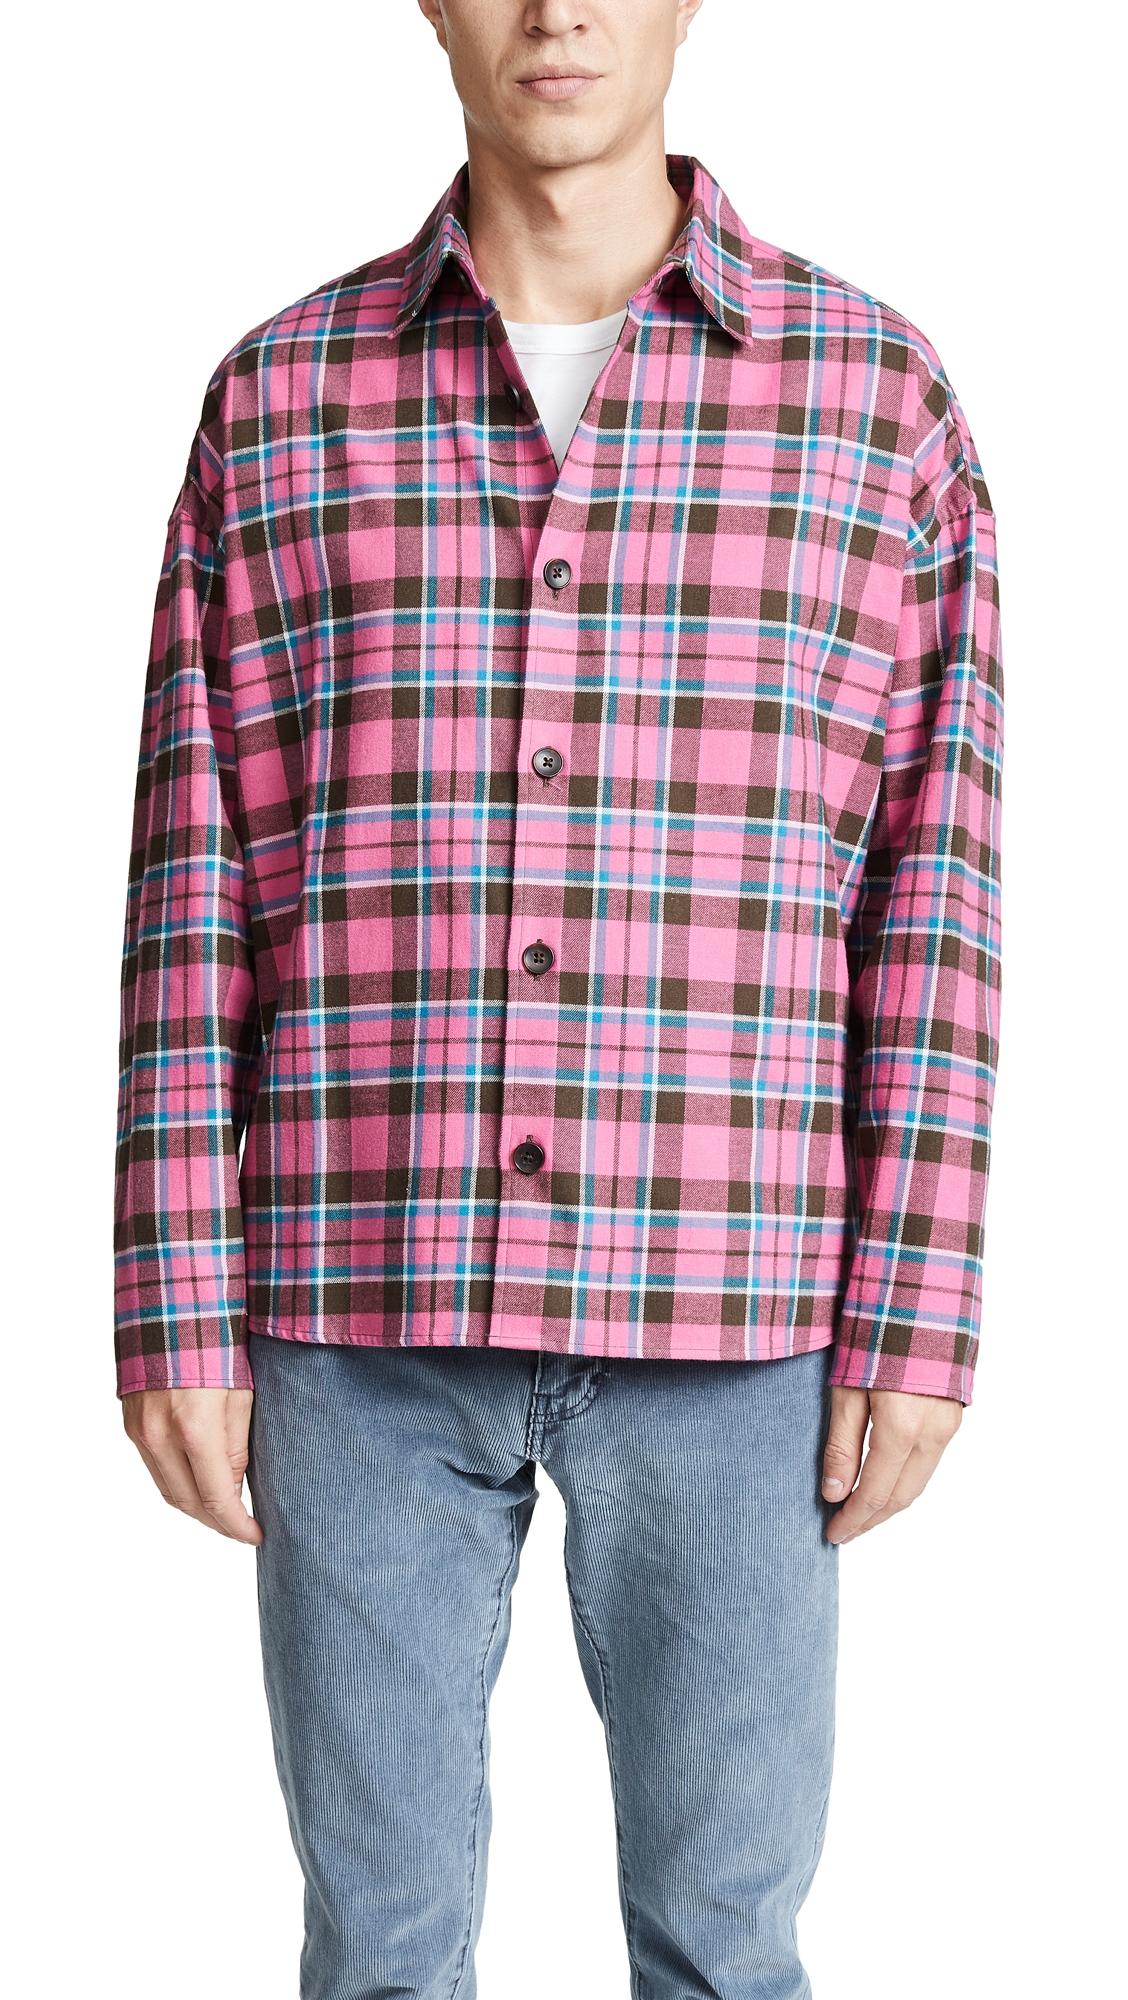 GUSTAV VON ASCHENBACH Boxy Plaid Flannel Shirt in Pink